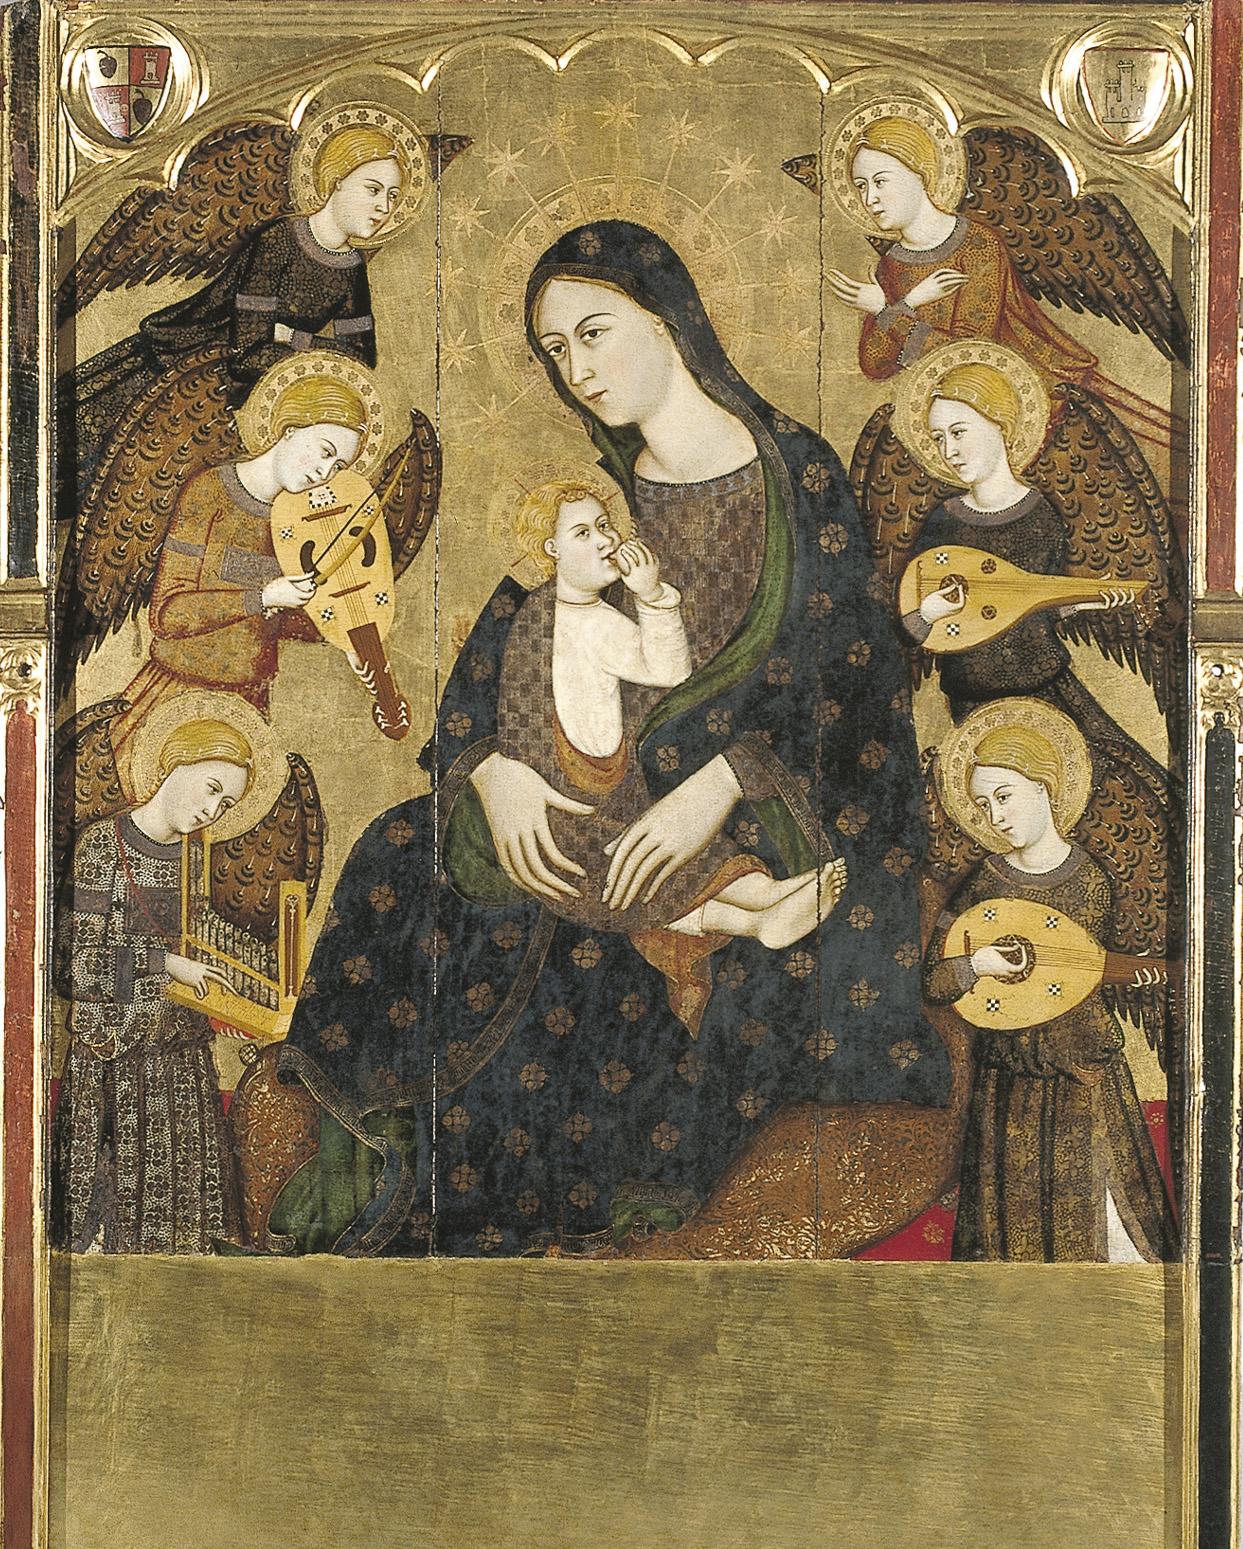 Llorenç Saragossà - Mare de Déu de la Llet - Últim quart del segle XIV